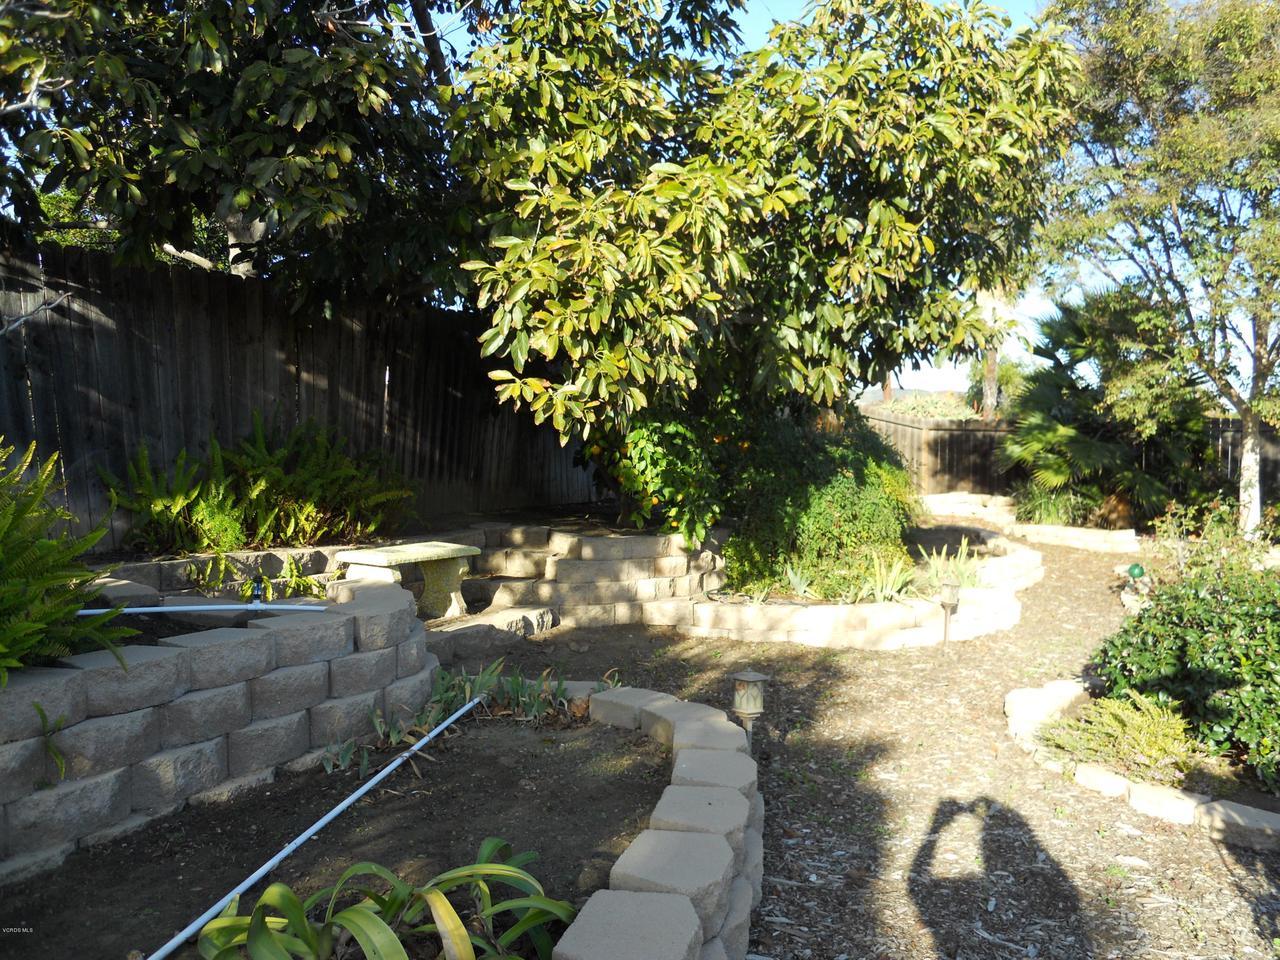 1207 SEYBOLT, Camarillo, CA 93010 - Backyard